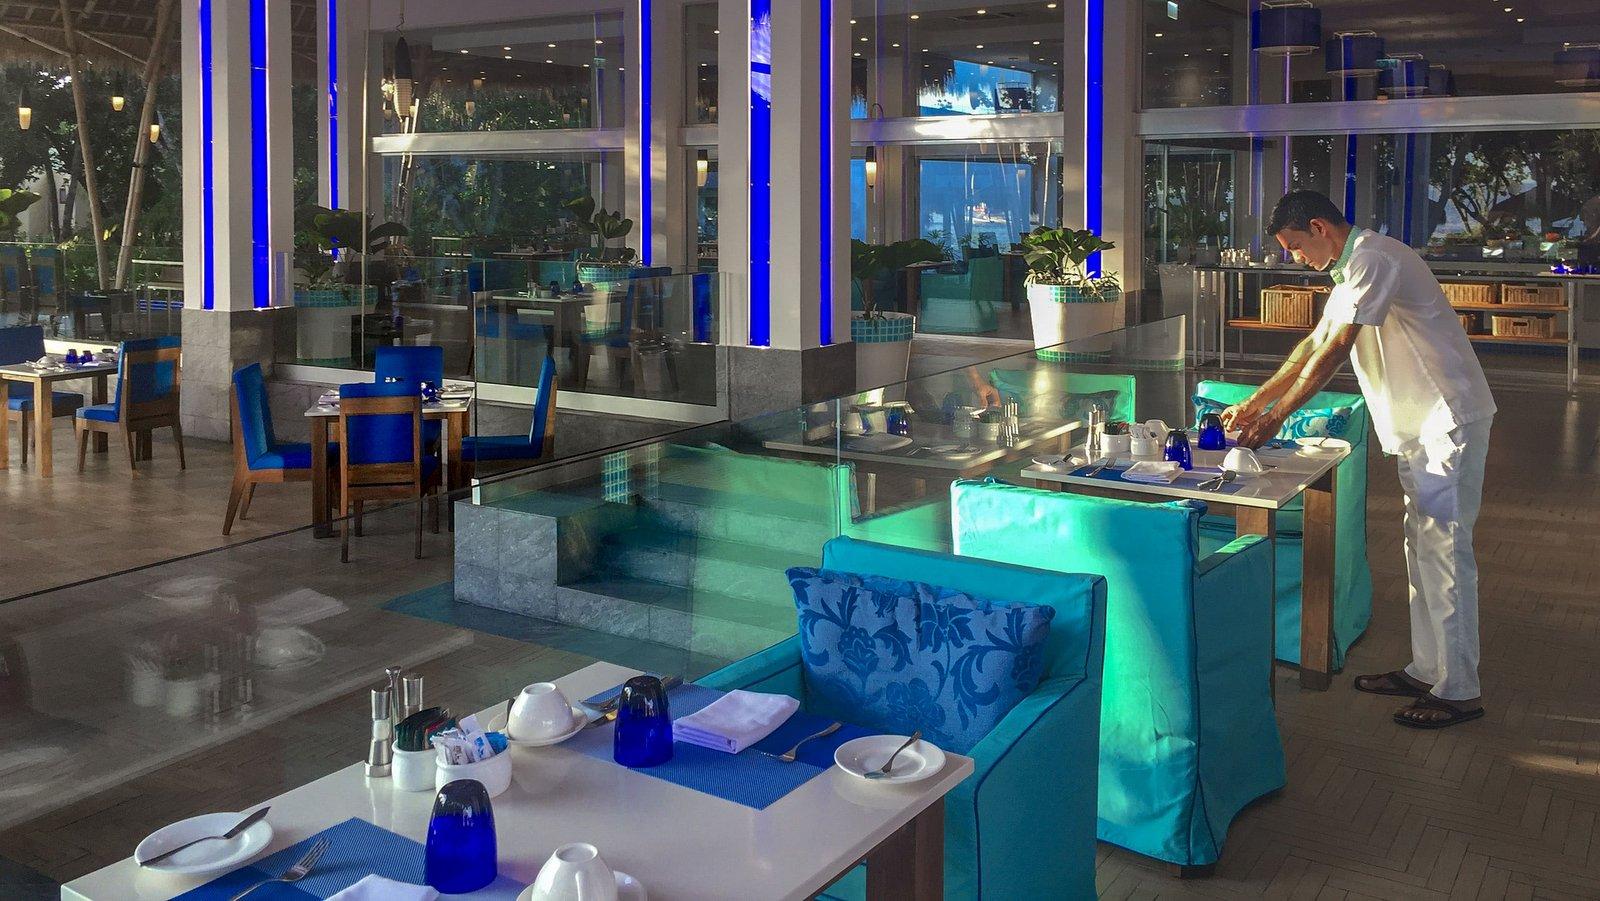 Мальдивы, отель Emerald Maldives Resort & Spa, ресторан Aqua